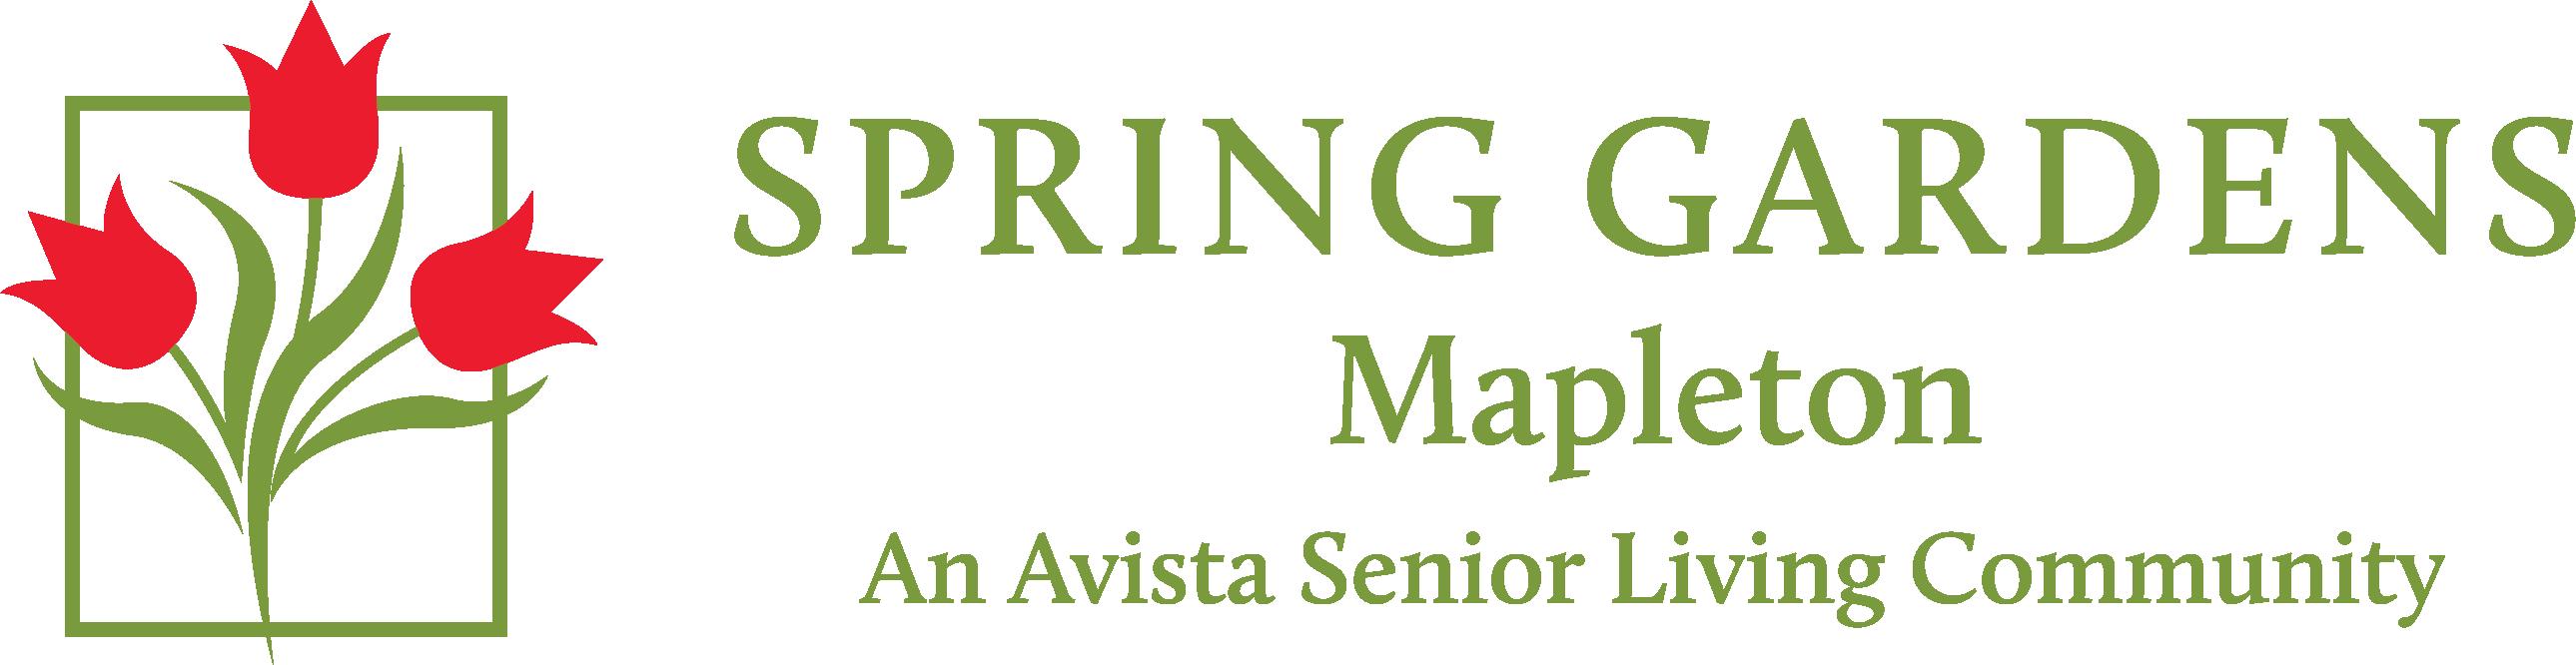 Spring Gardens Mapleton